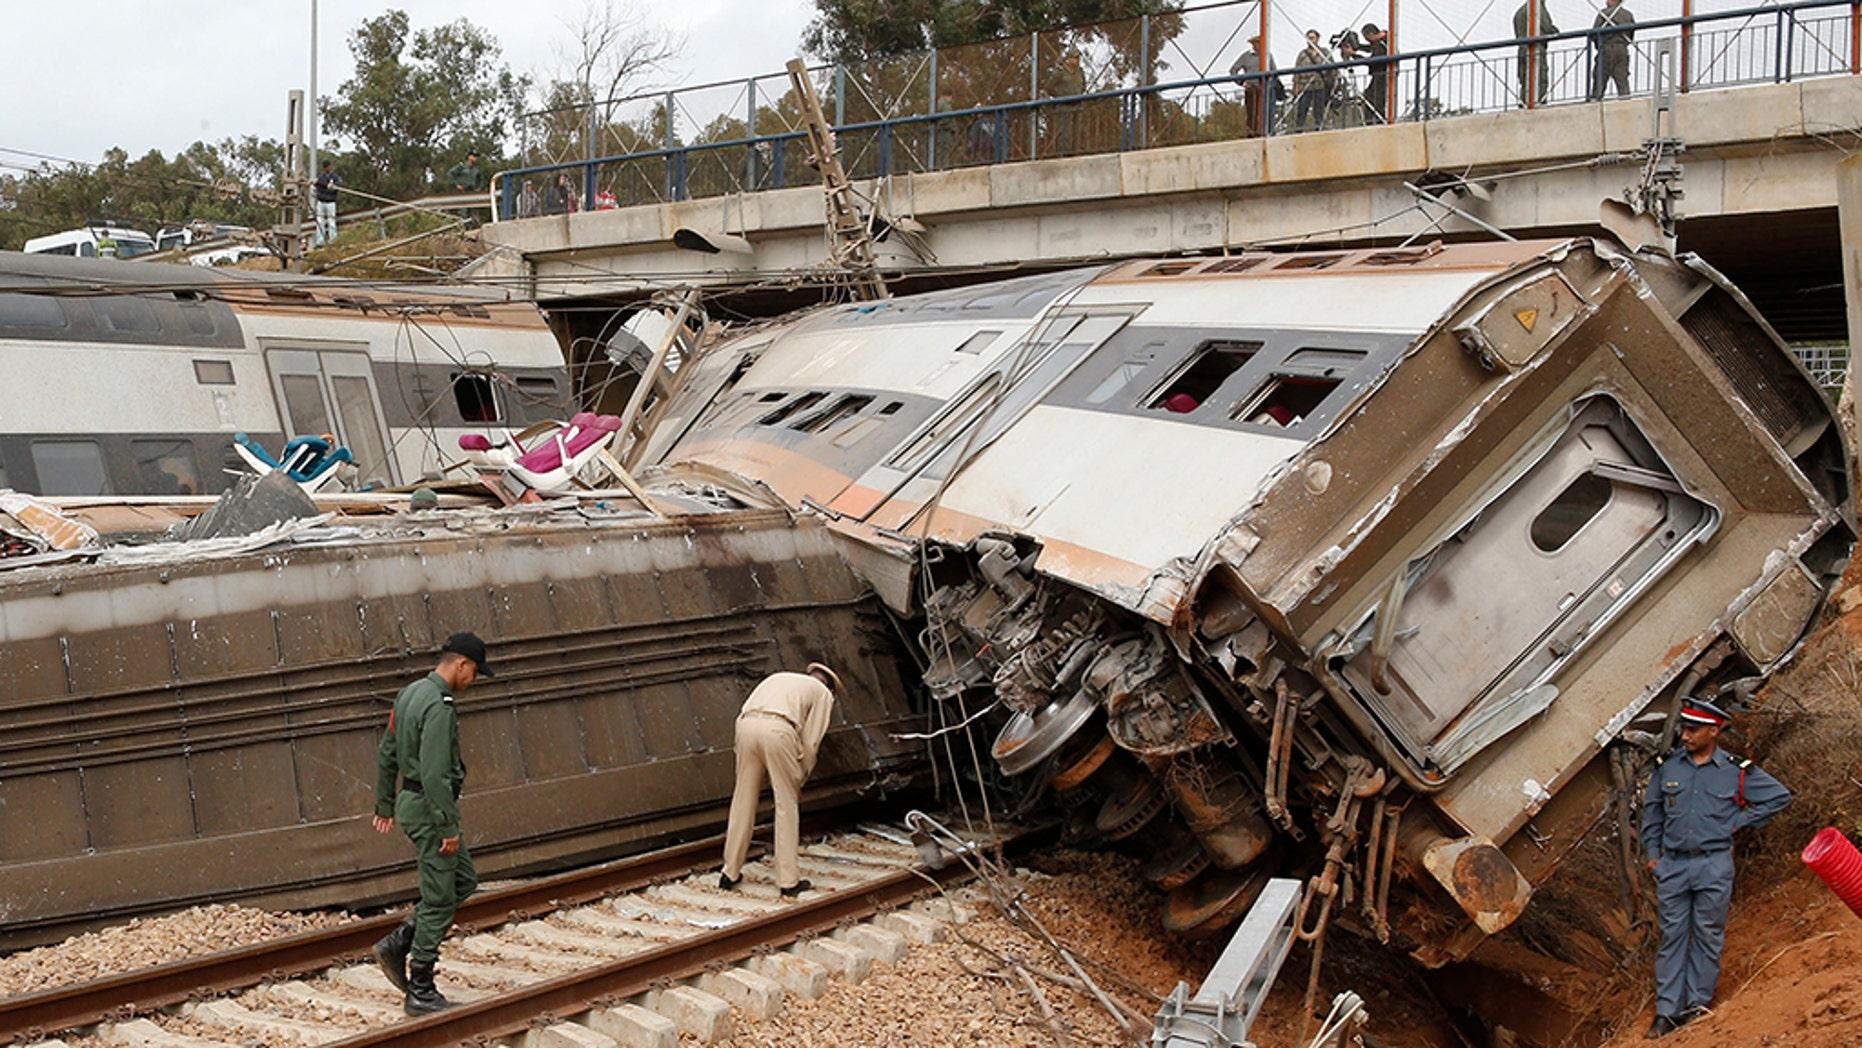 Seven killed in Morocco train derailment